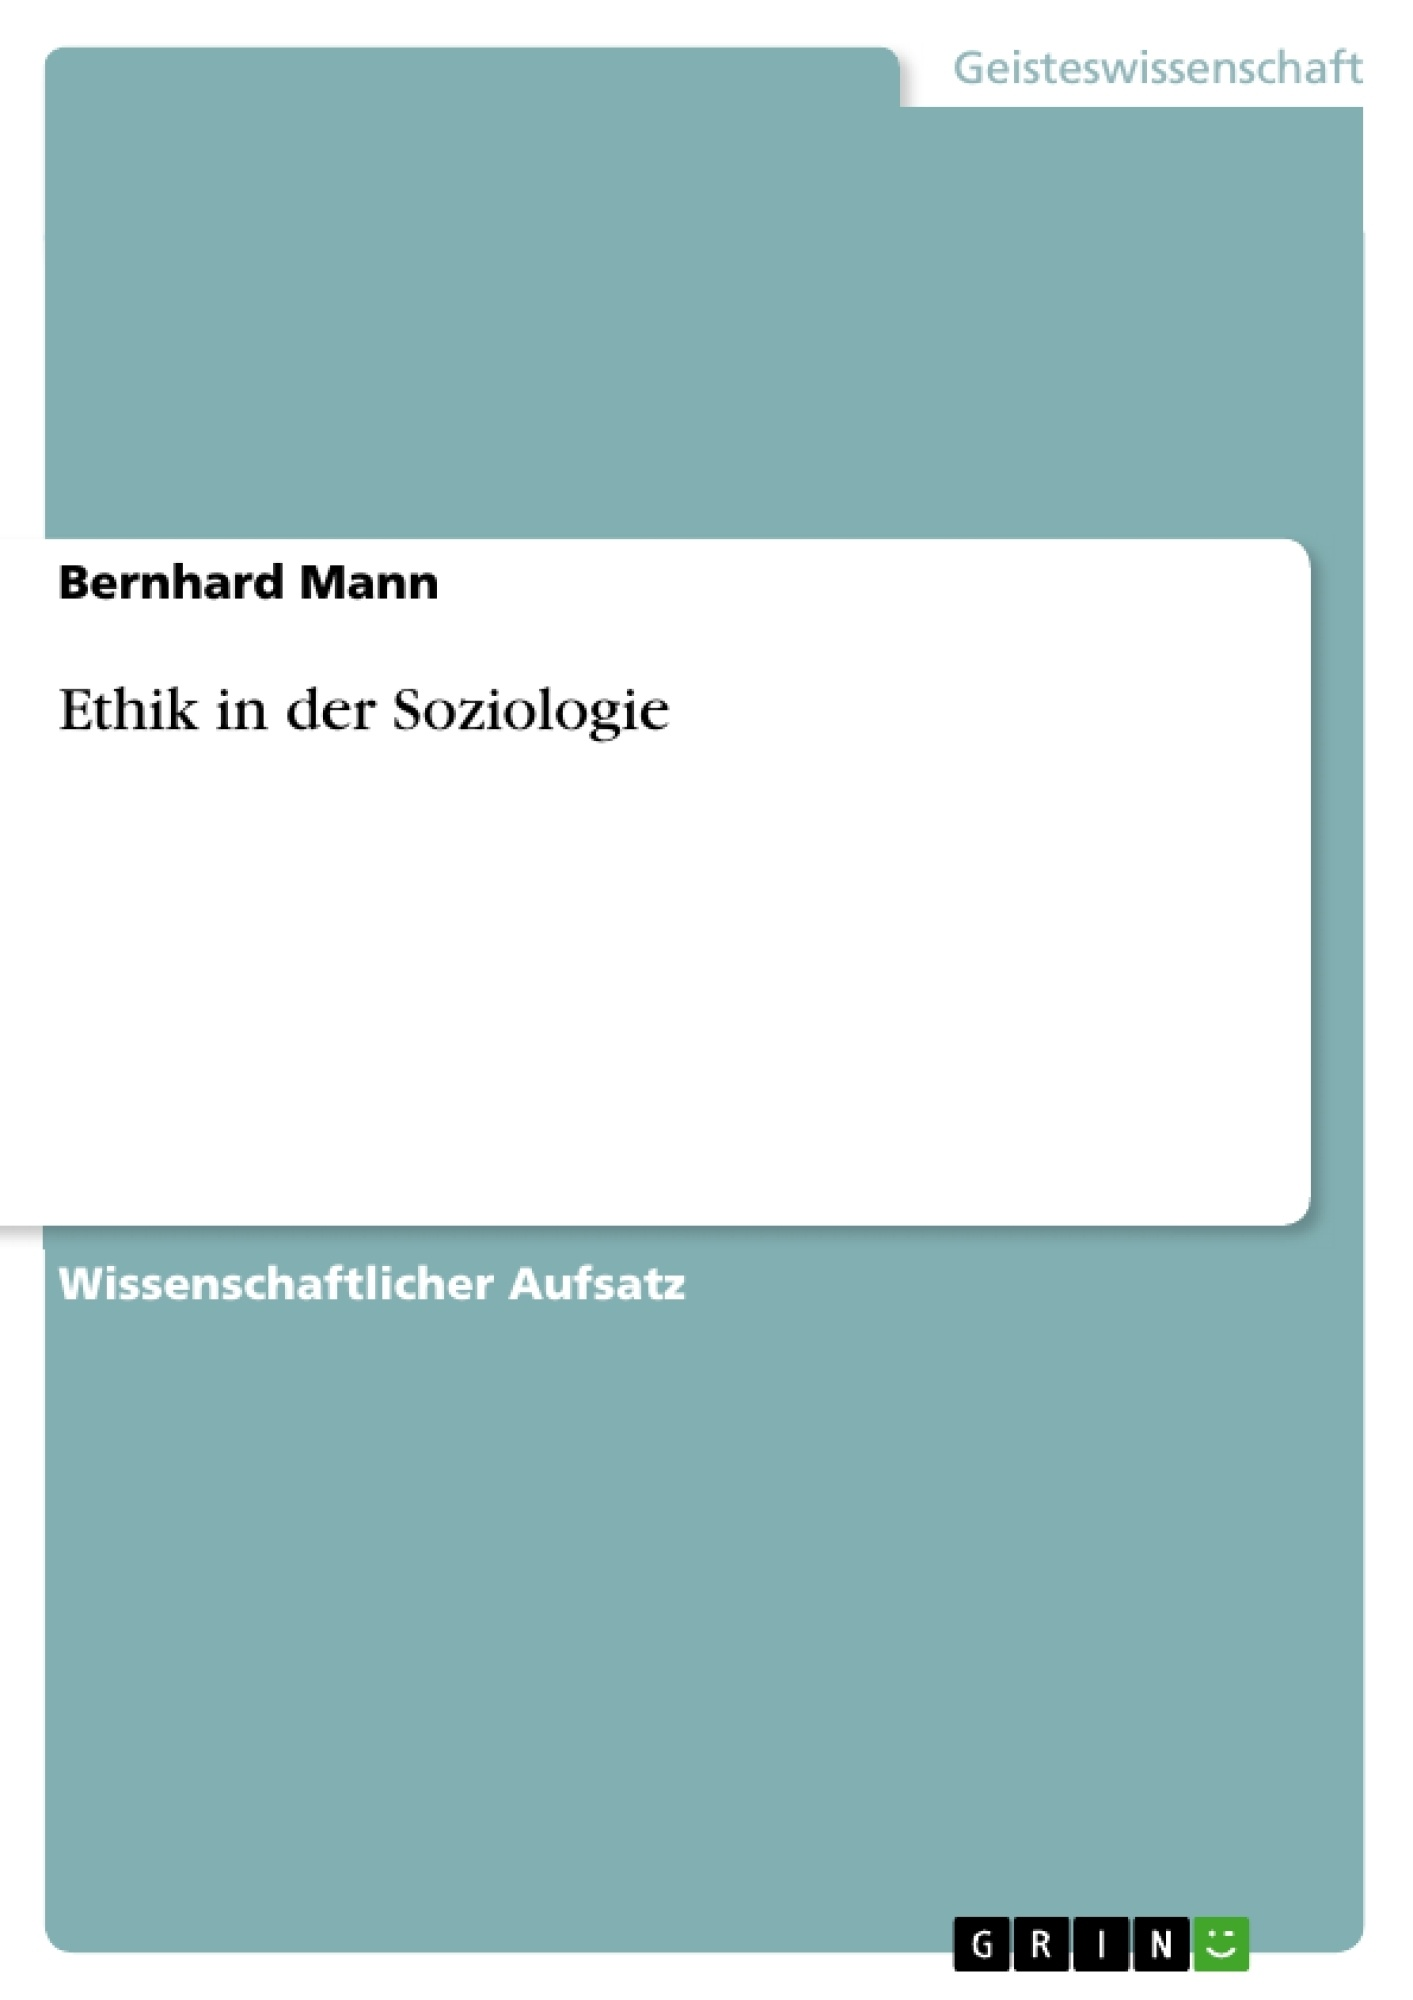 Titel: Ethik in der Soziologie